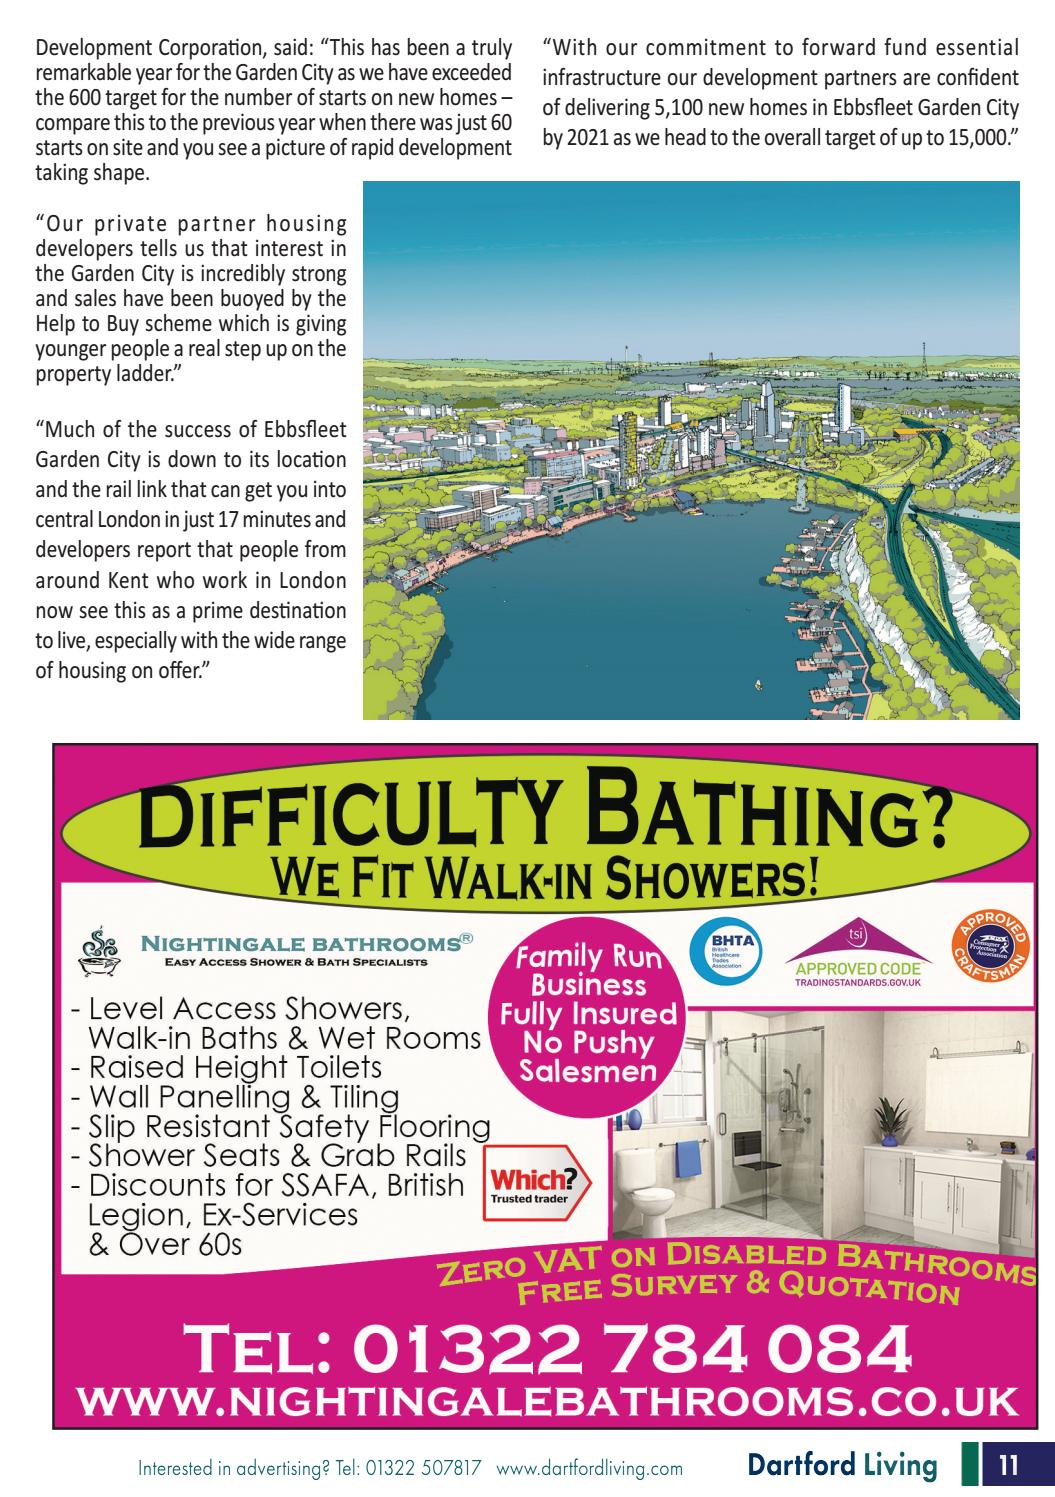 Dartford Living July Issue